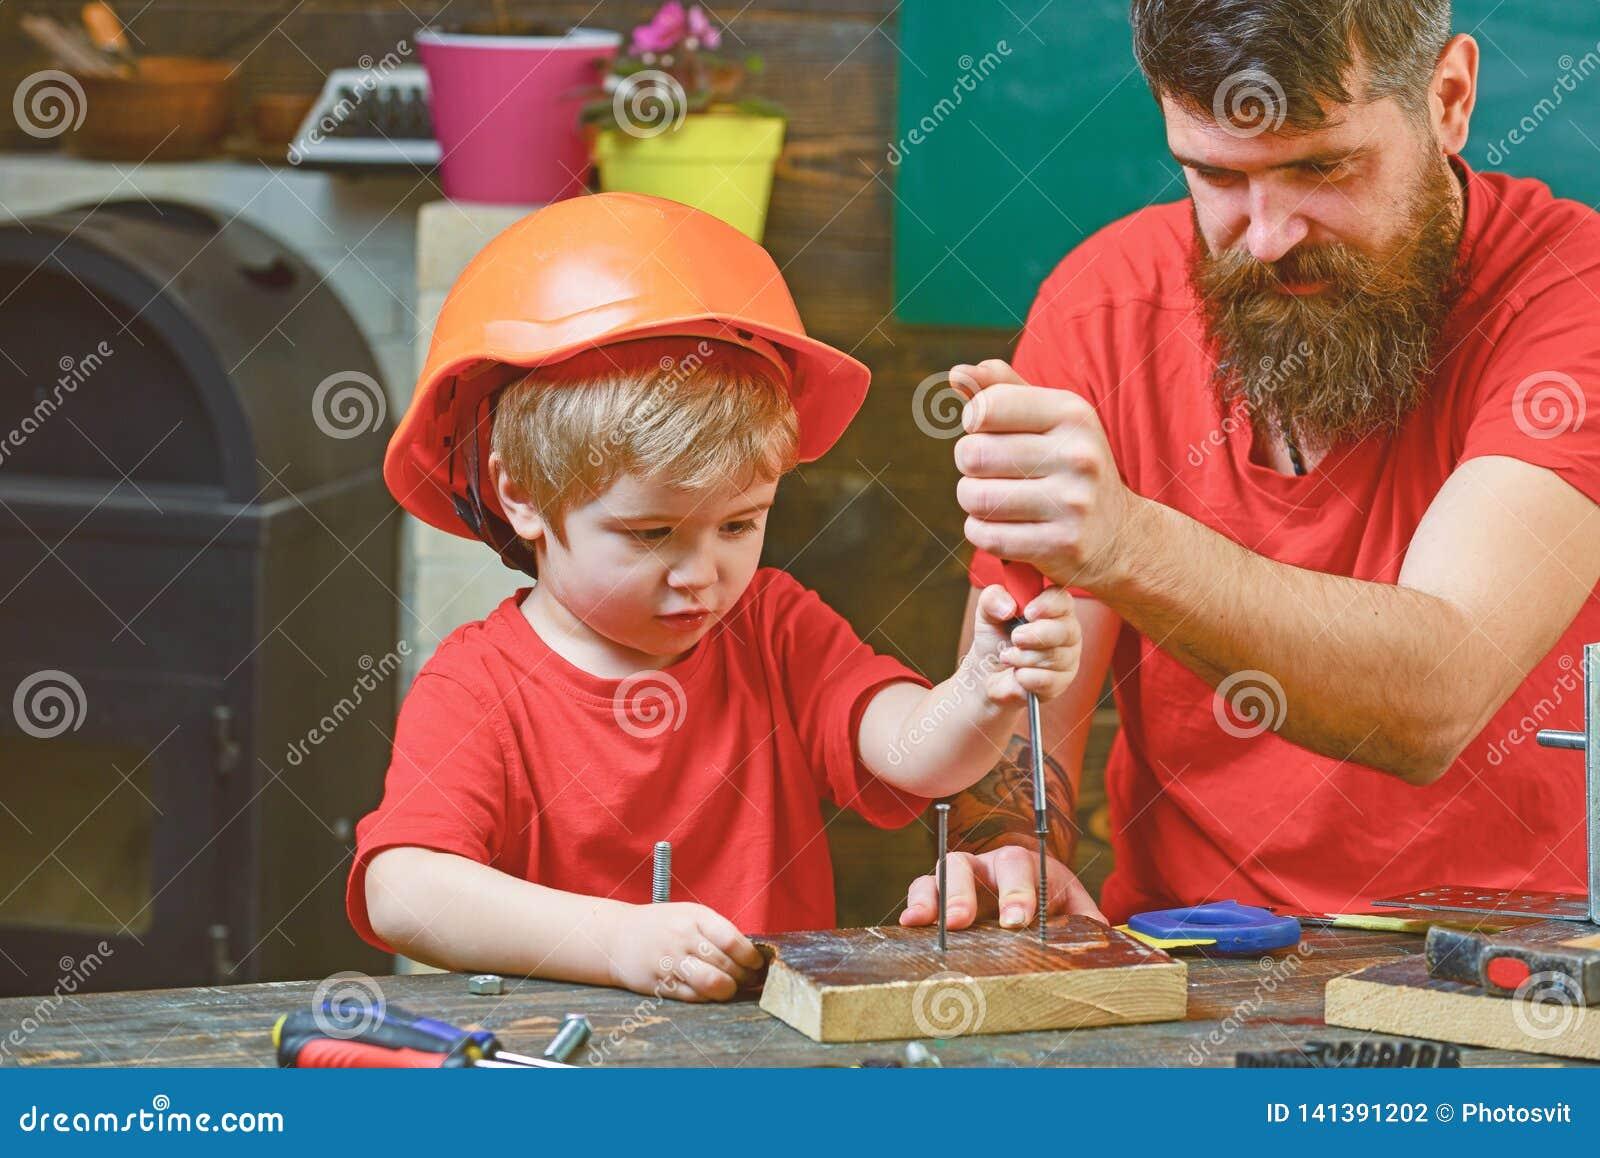 修理和车间概念 男孩,孩子繁忙在防护盔甲学会使用有爸爸的螺丝刀 父亲,父母